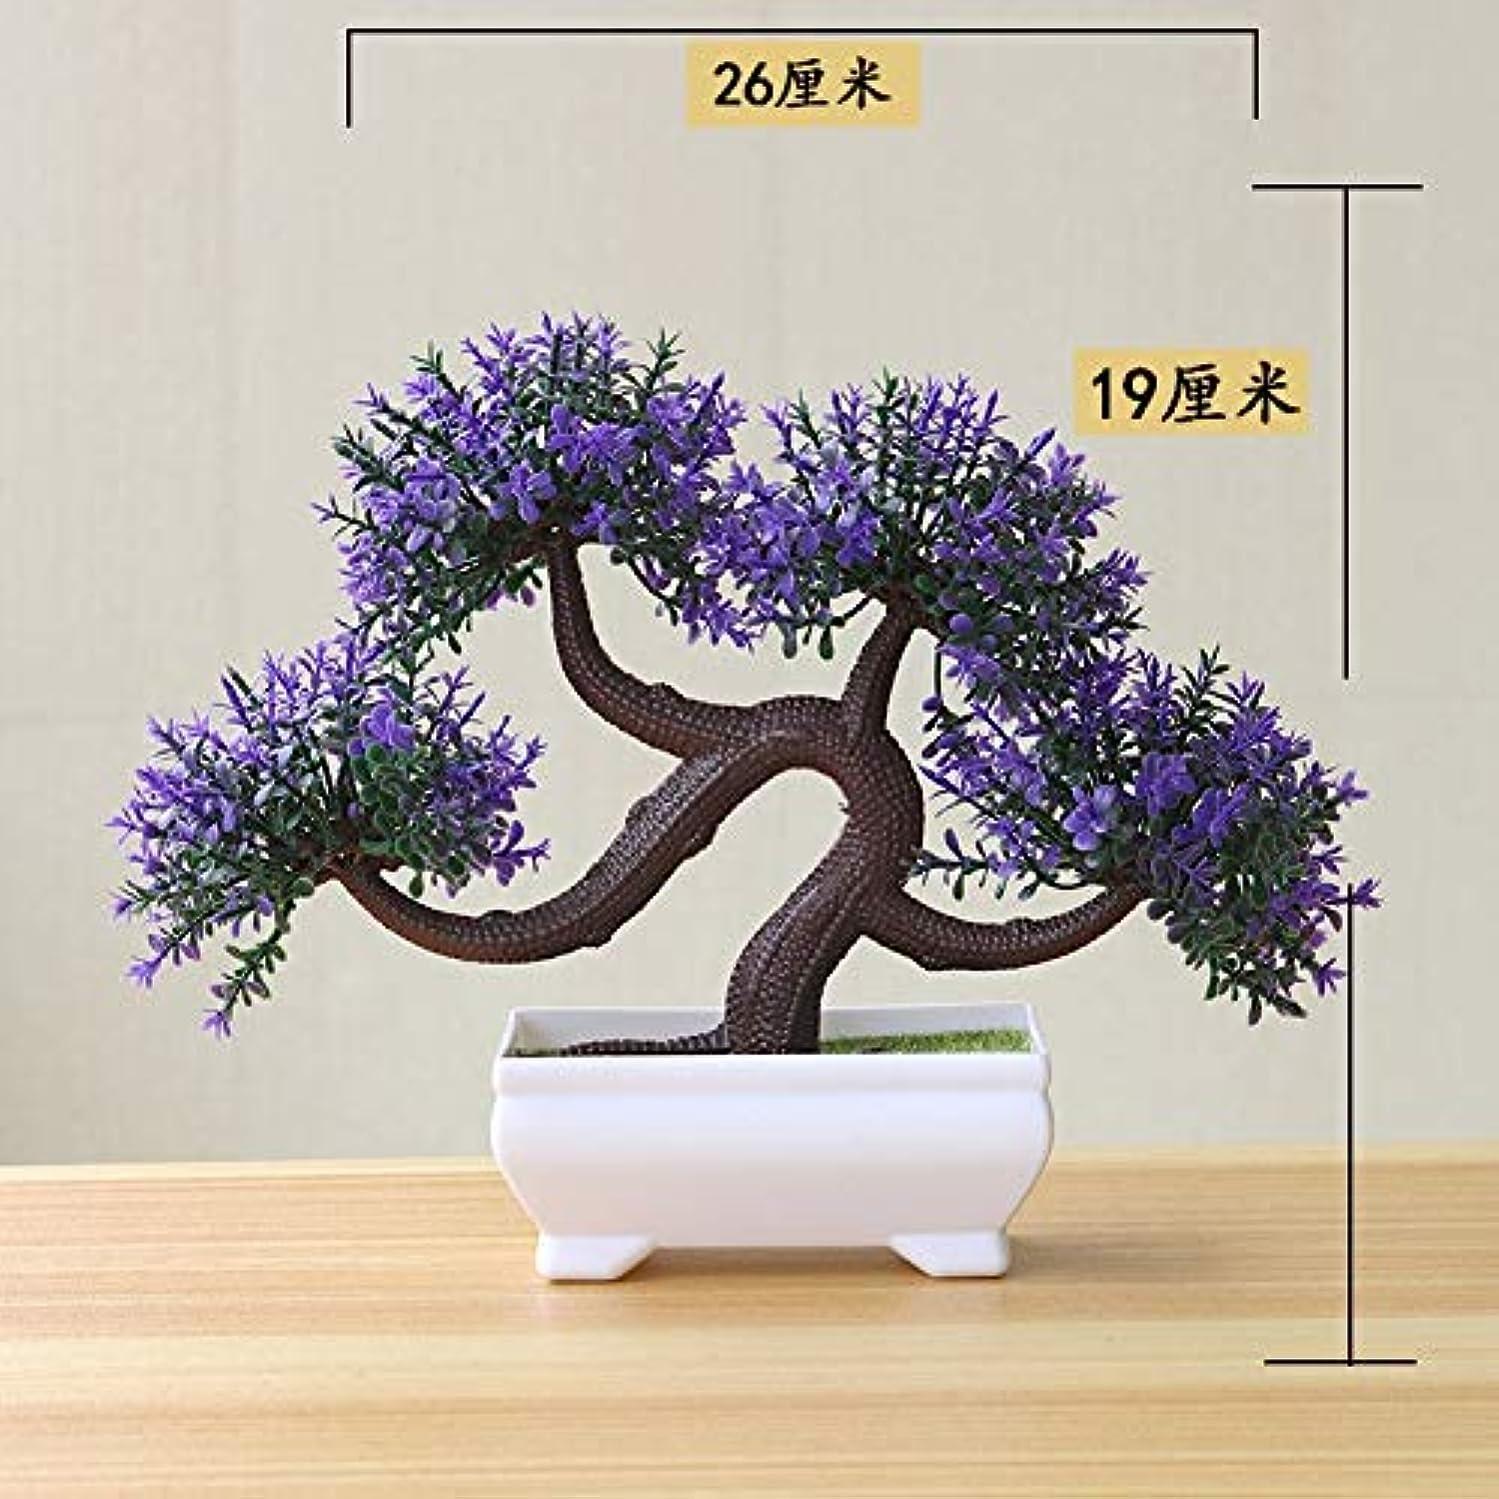 フルーティー緩むマウントバンク美しい造花 人工植物盆栽小さな木鉢植えのフェイク花鉢植えの装飾品のホームデコレーションホテルガーデンインテリア 実用的な庭の装飾 (Color : Longxu Style Purple)